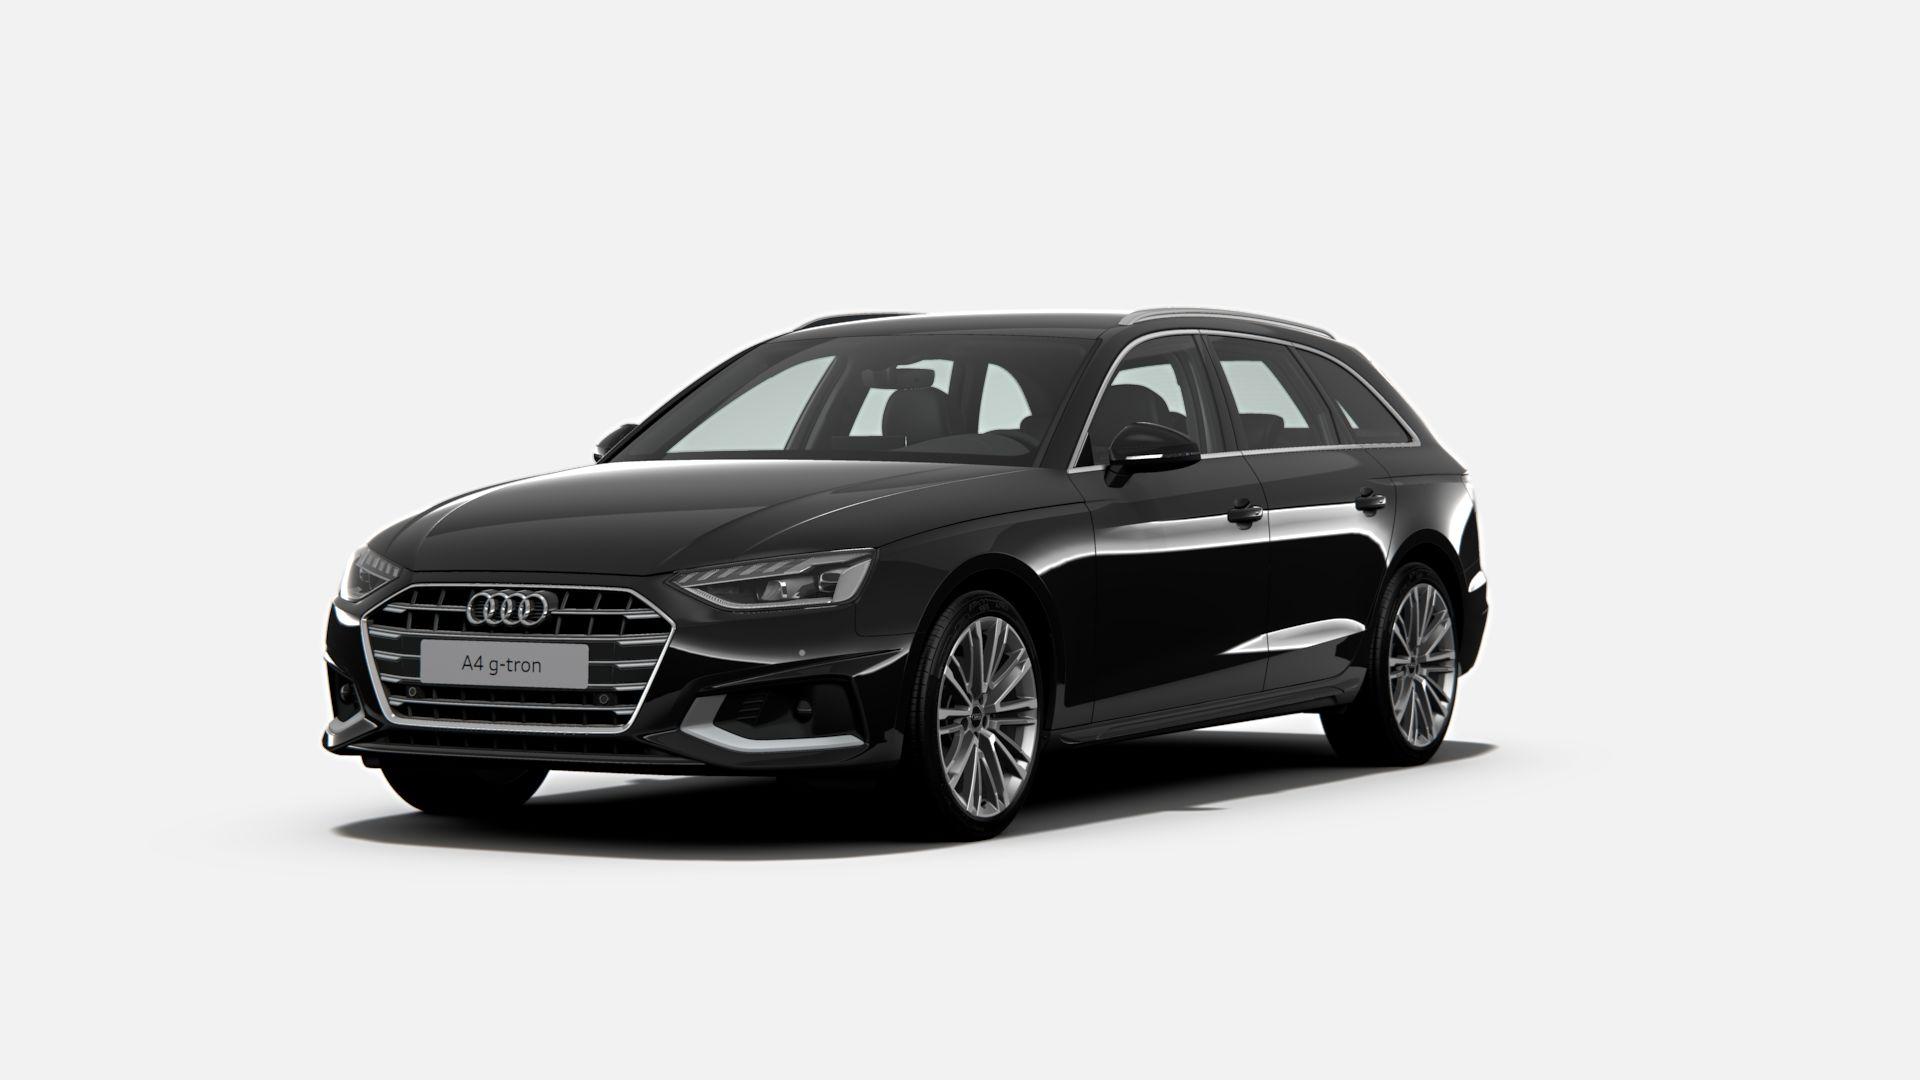 Audi A4 Avant Business Edition advanced 40 g-tron  125(170) kW(pk) S tronic